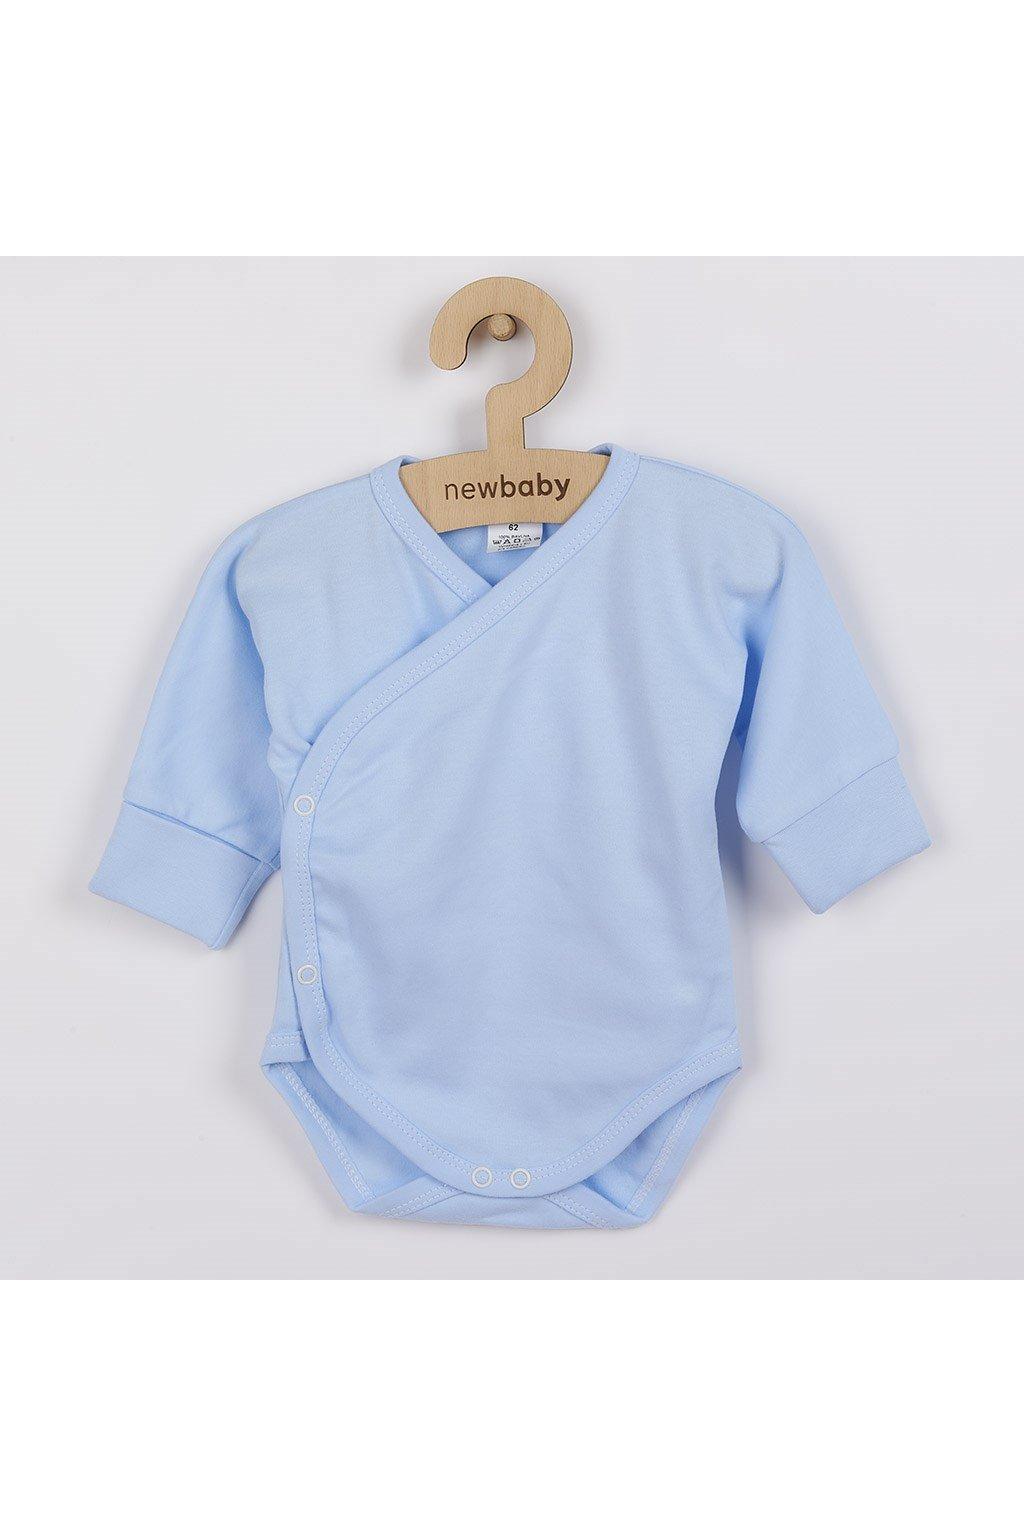 Dojčenské body s bočným zapínaním New Baby modré